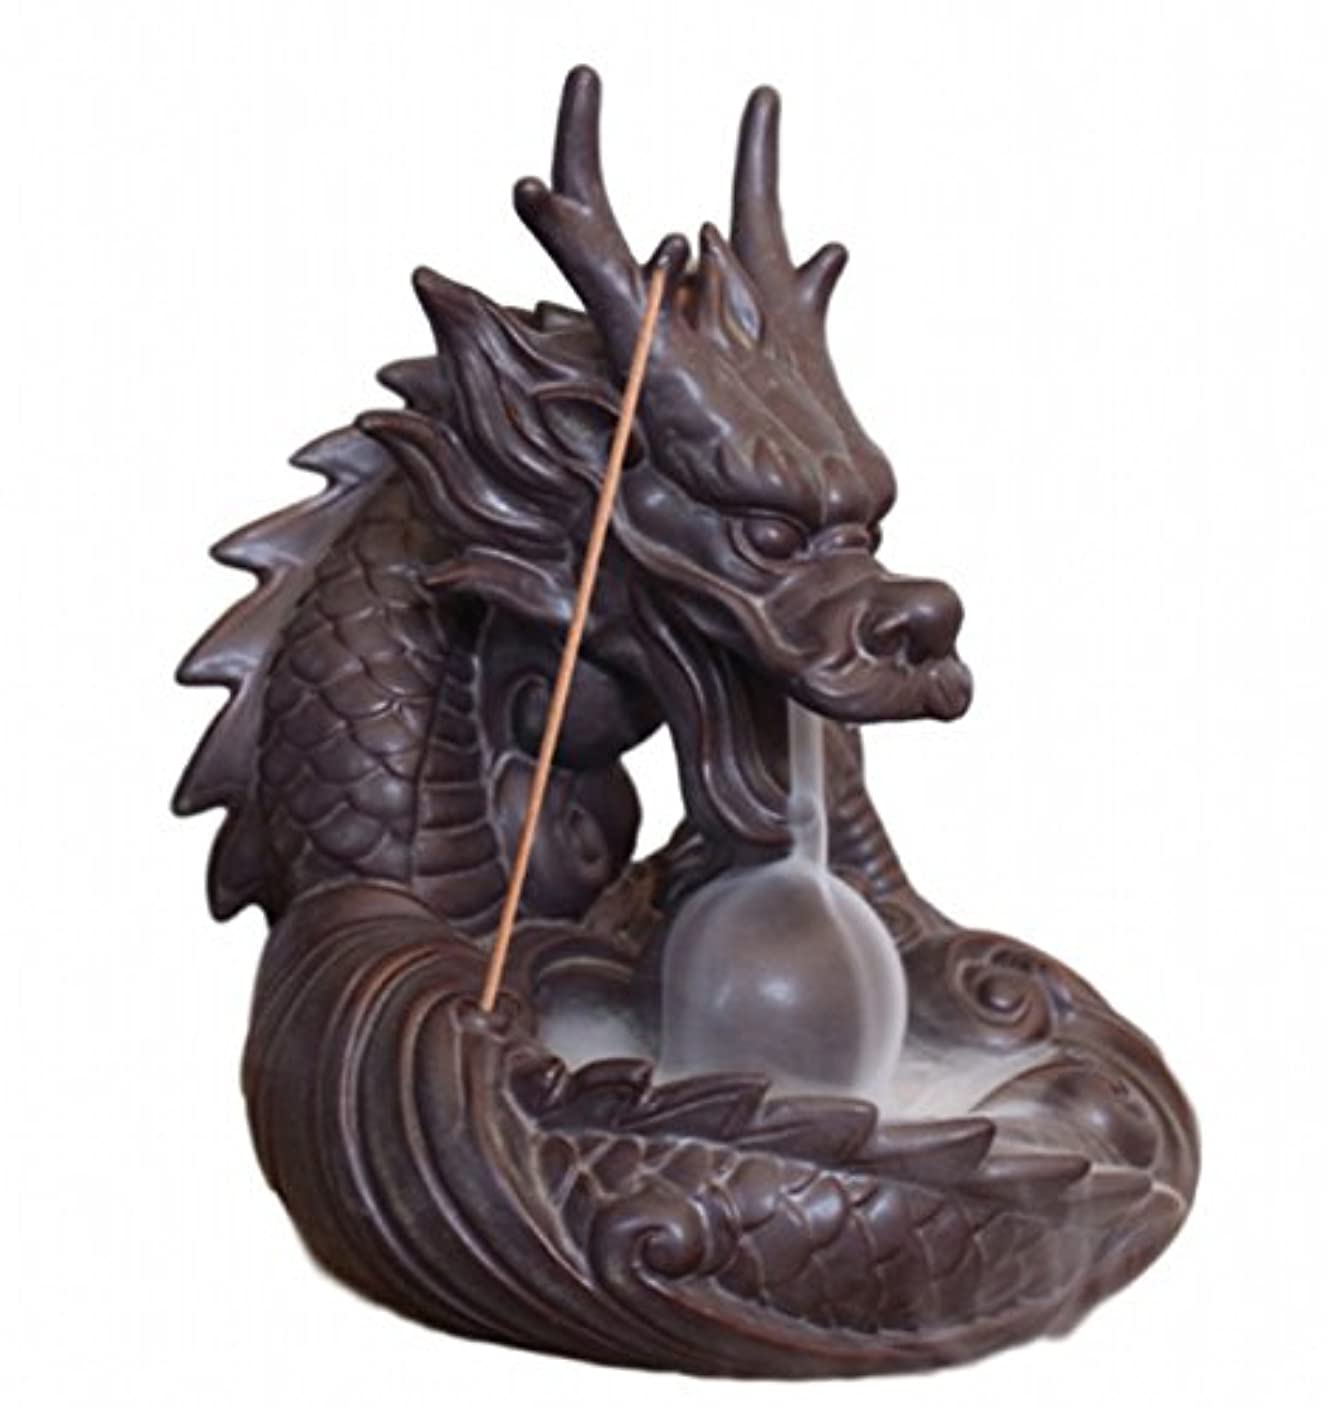 理容室宇宙のかわす【Rurumiマーケット】不思議なお香 倒流香 用 香炉 ドラゴン お試しお香付き 流川香 陶器製 (ドラゴンB)